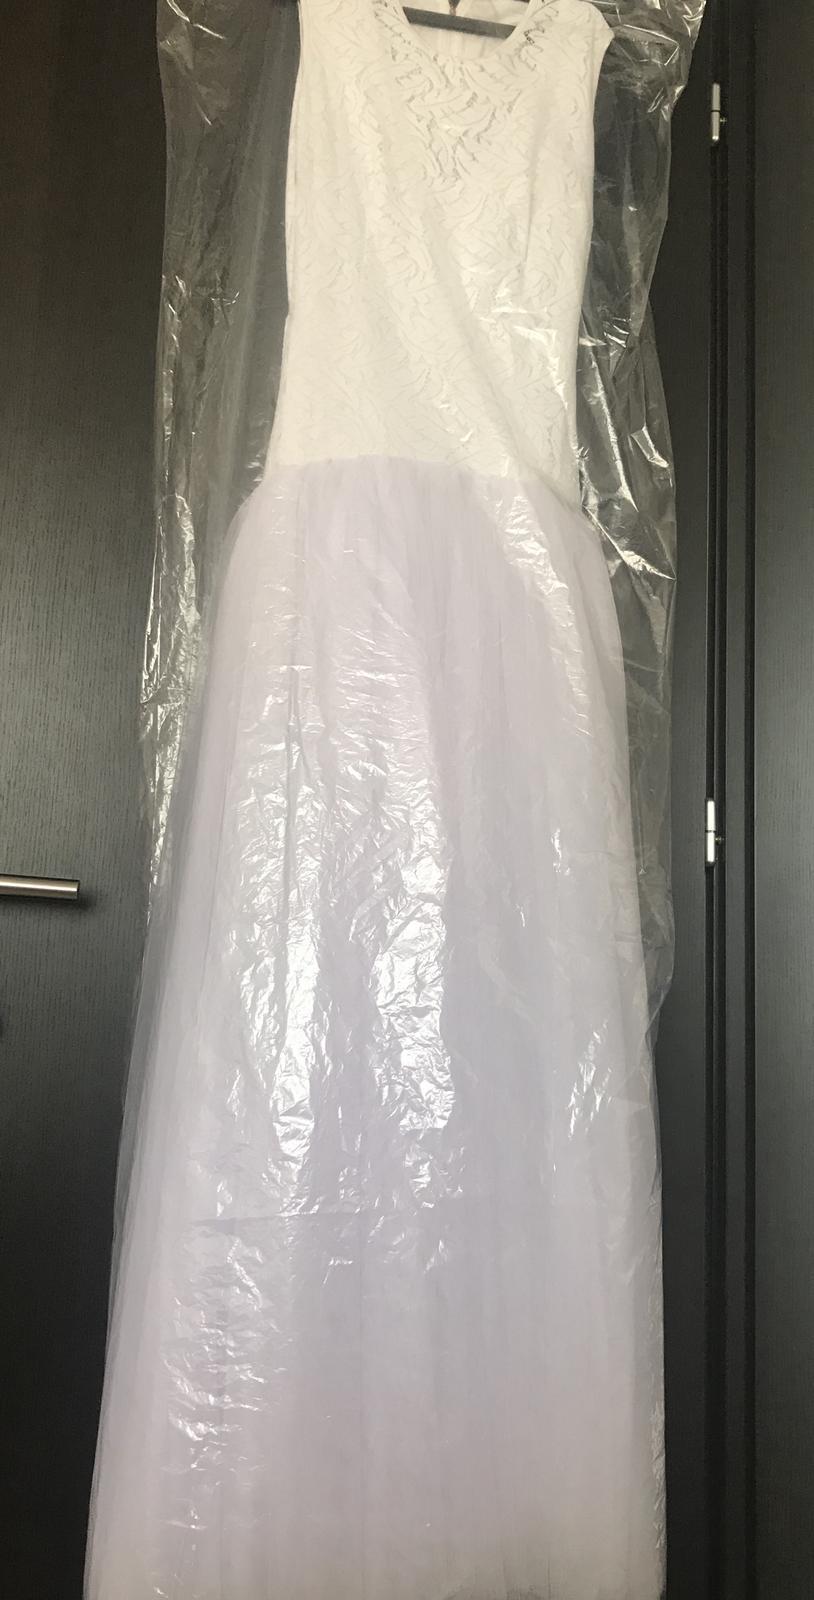 Sugarbird šaty - Obrázok č. 3